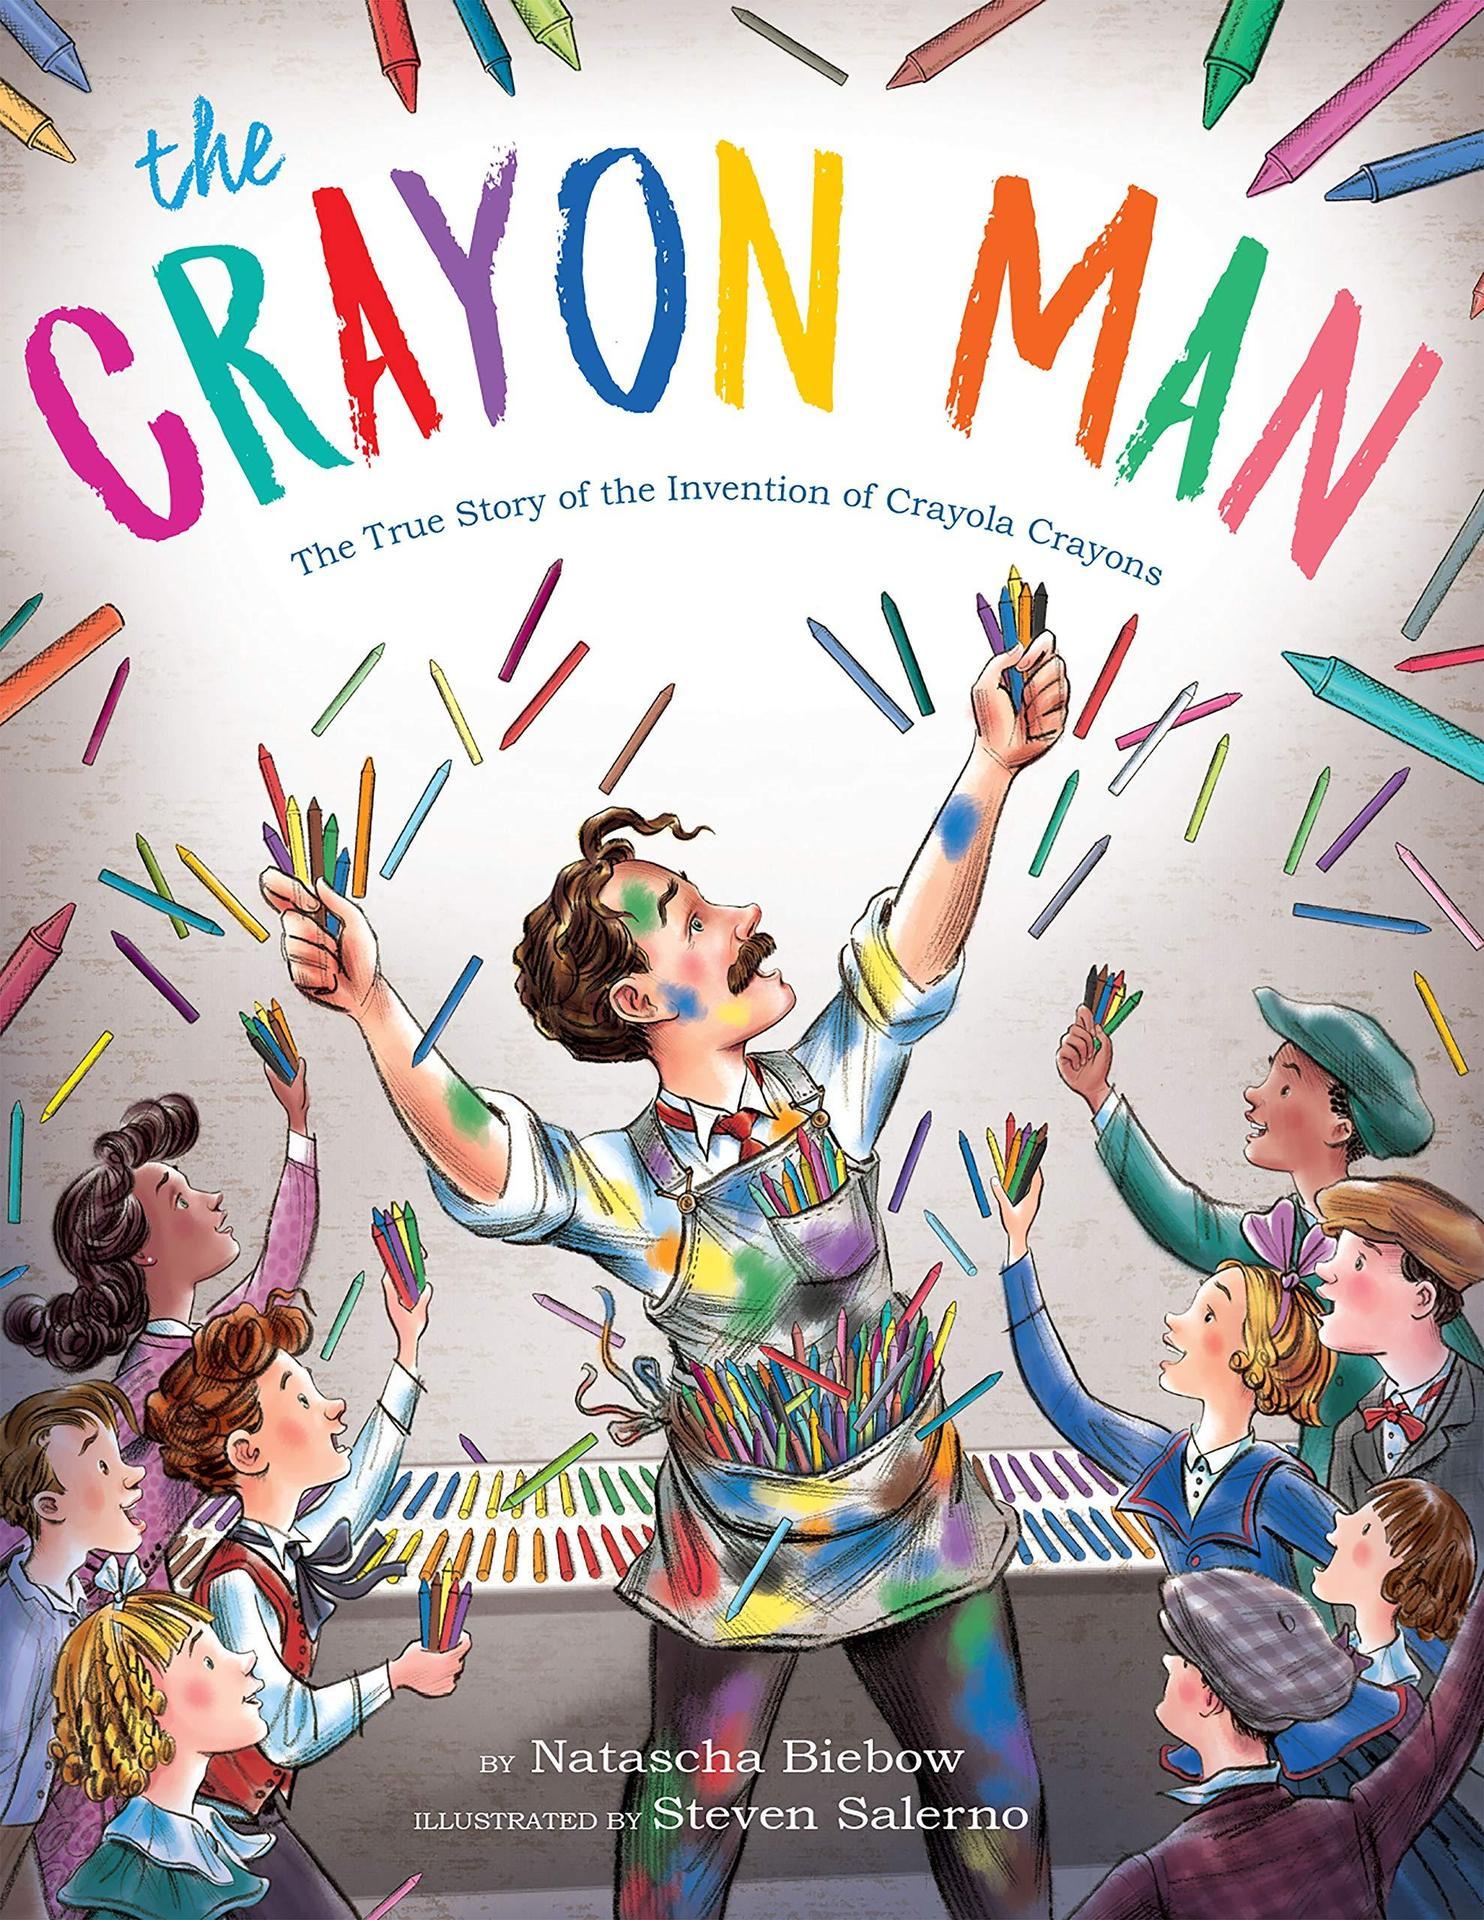 Crayon Man